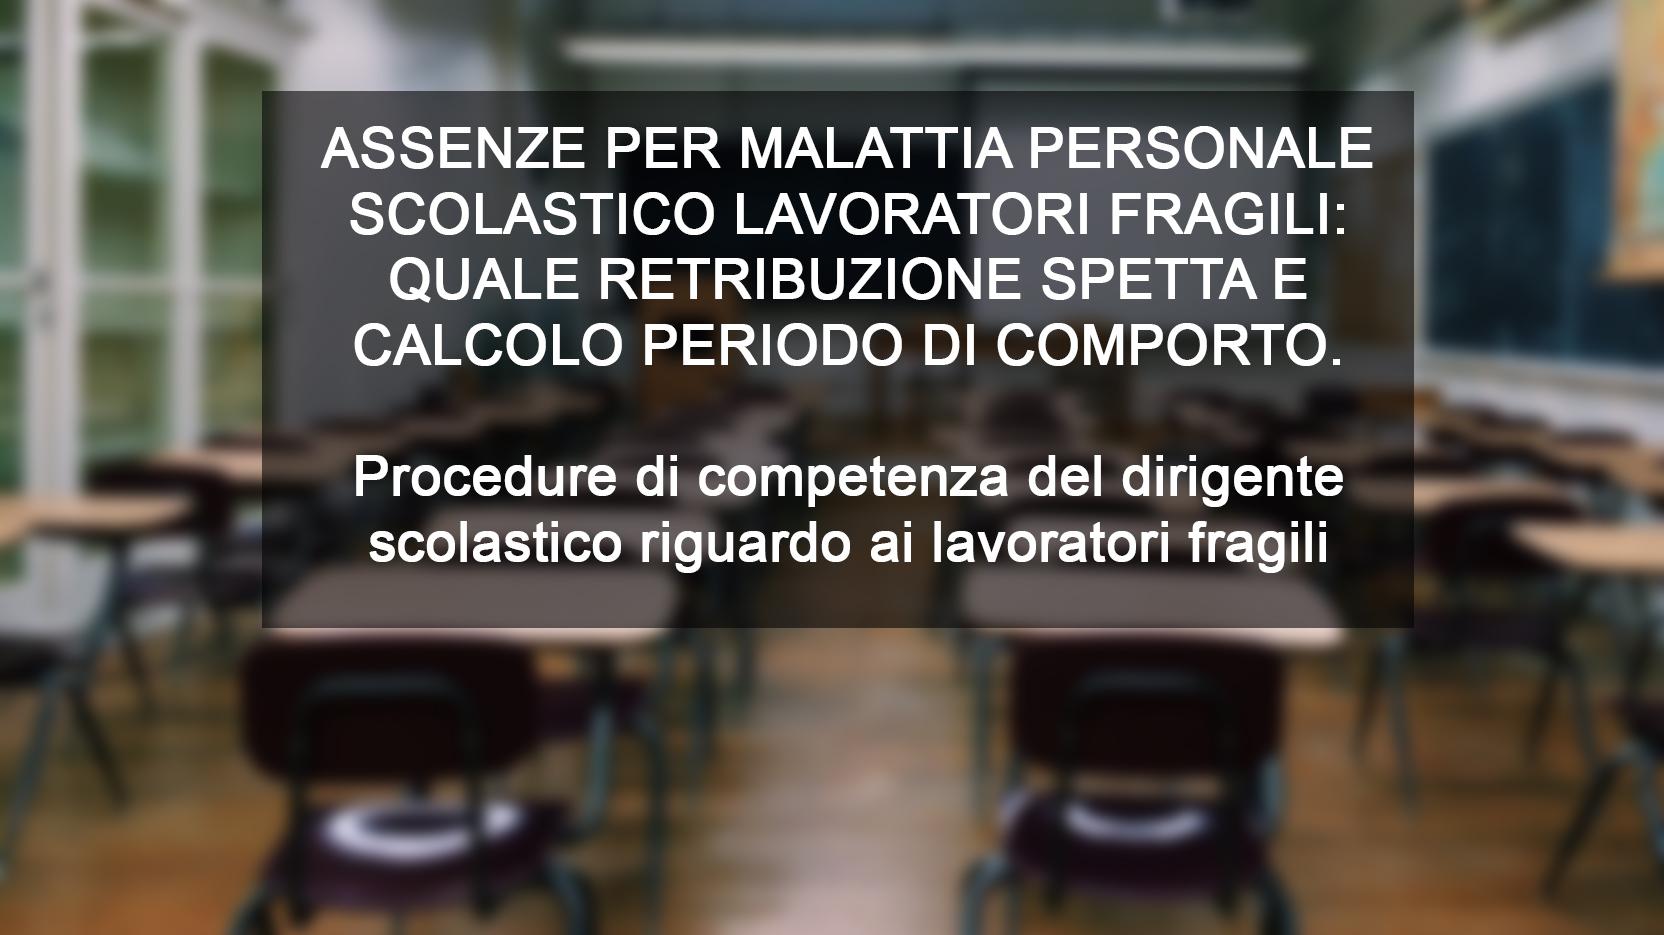 Assenze Per Malattia Personale Scolastico Lavoratori Fragili Quale Retribuzione Spetta E Calcolo Periodo Di Comporto Aclis